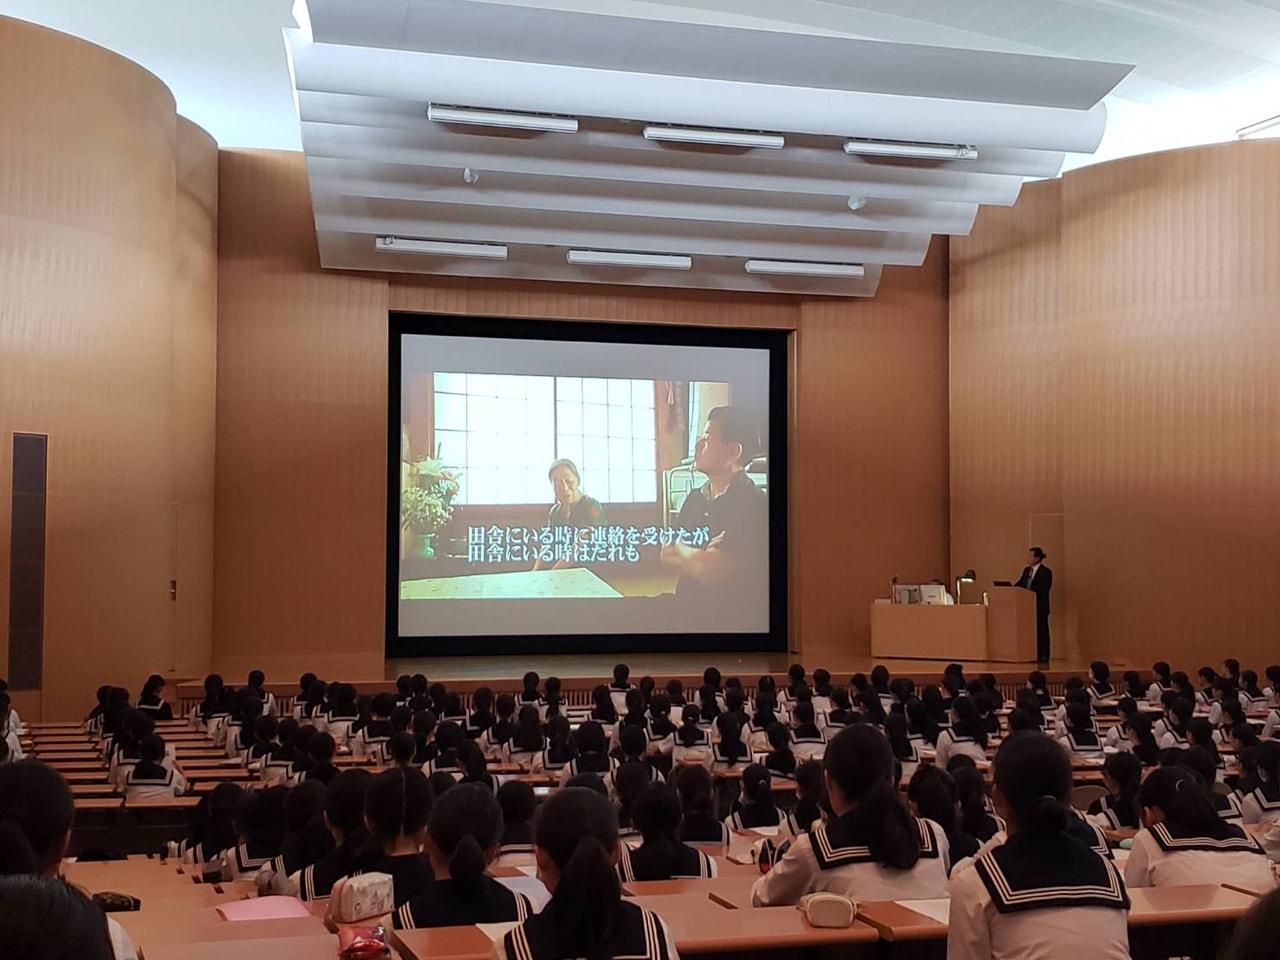 【中2・中3】合同道徳授業「かけがえのない命の大切さ」講演会